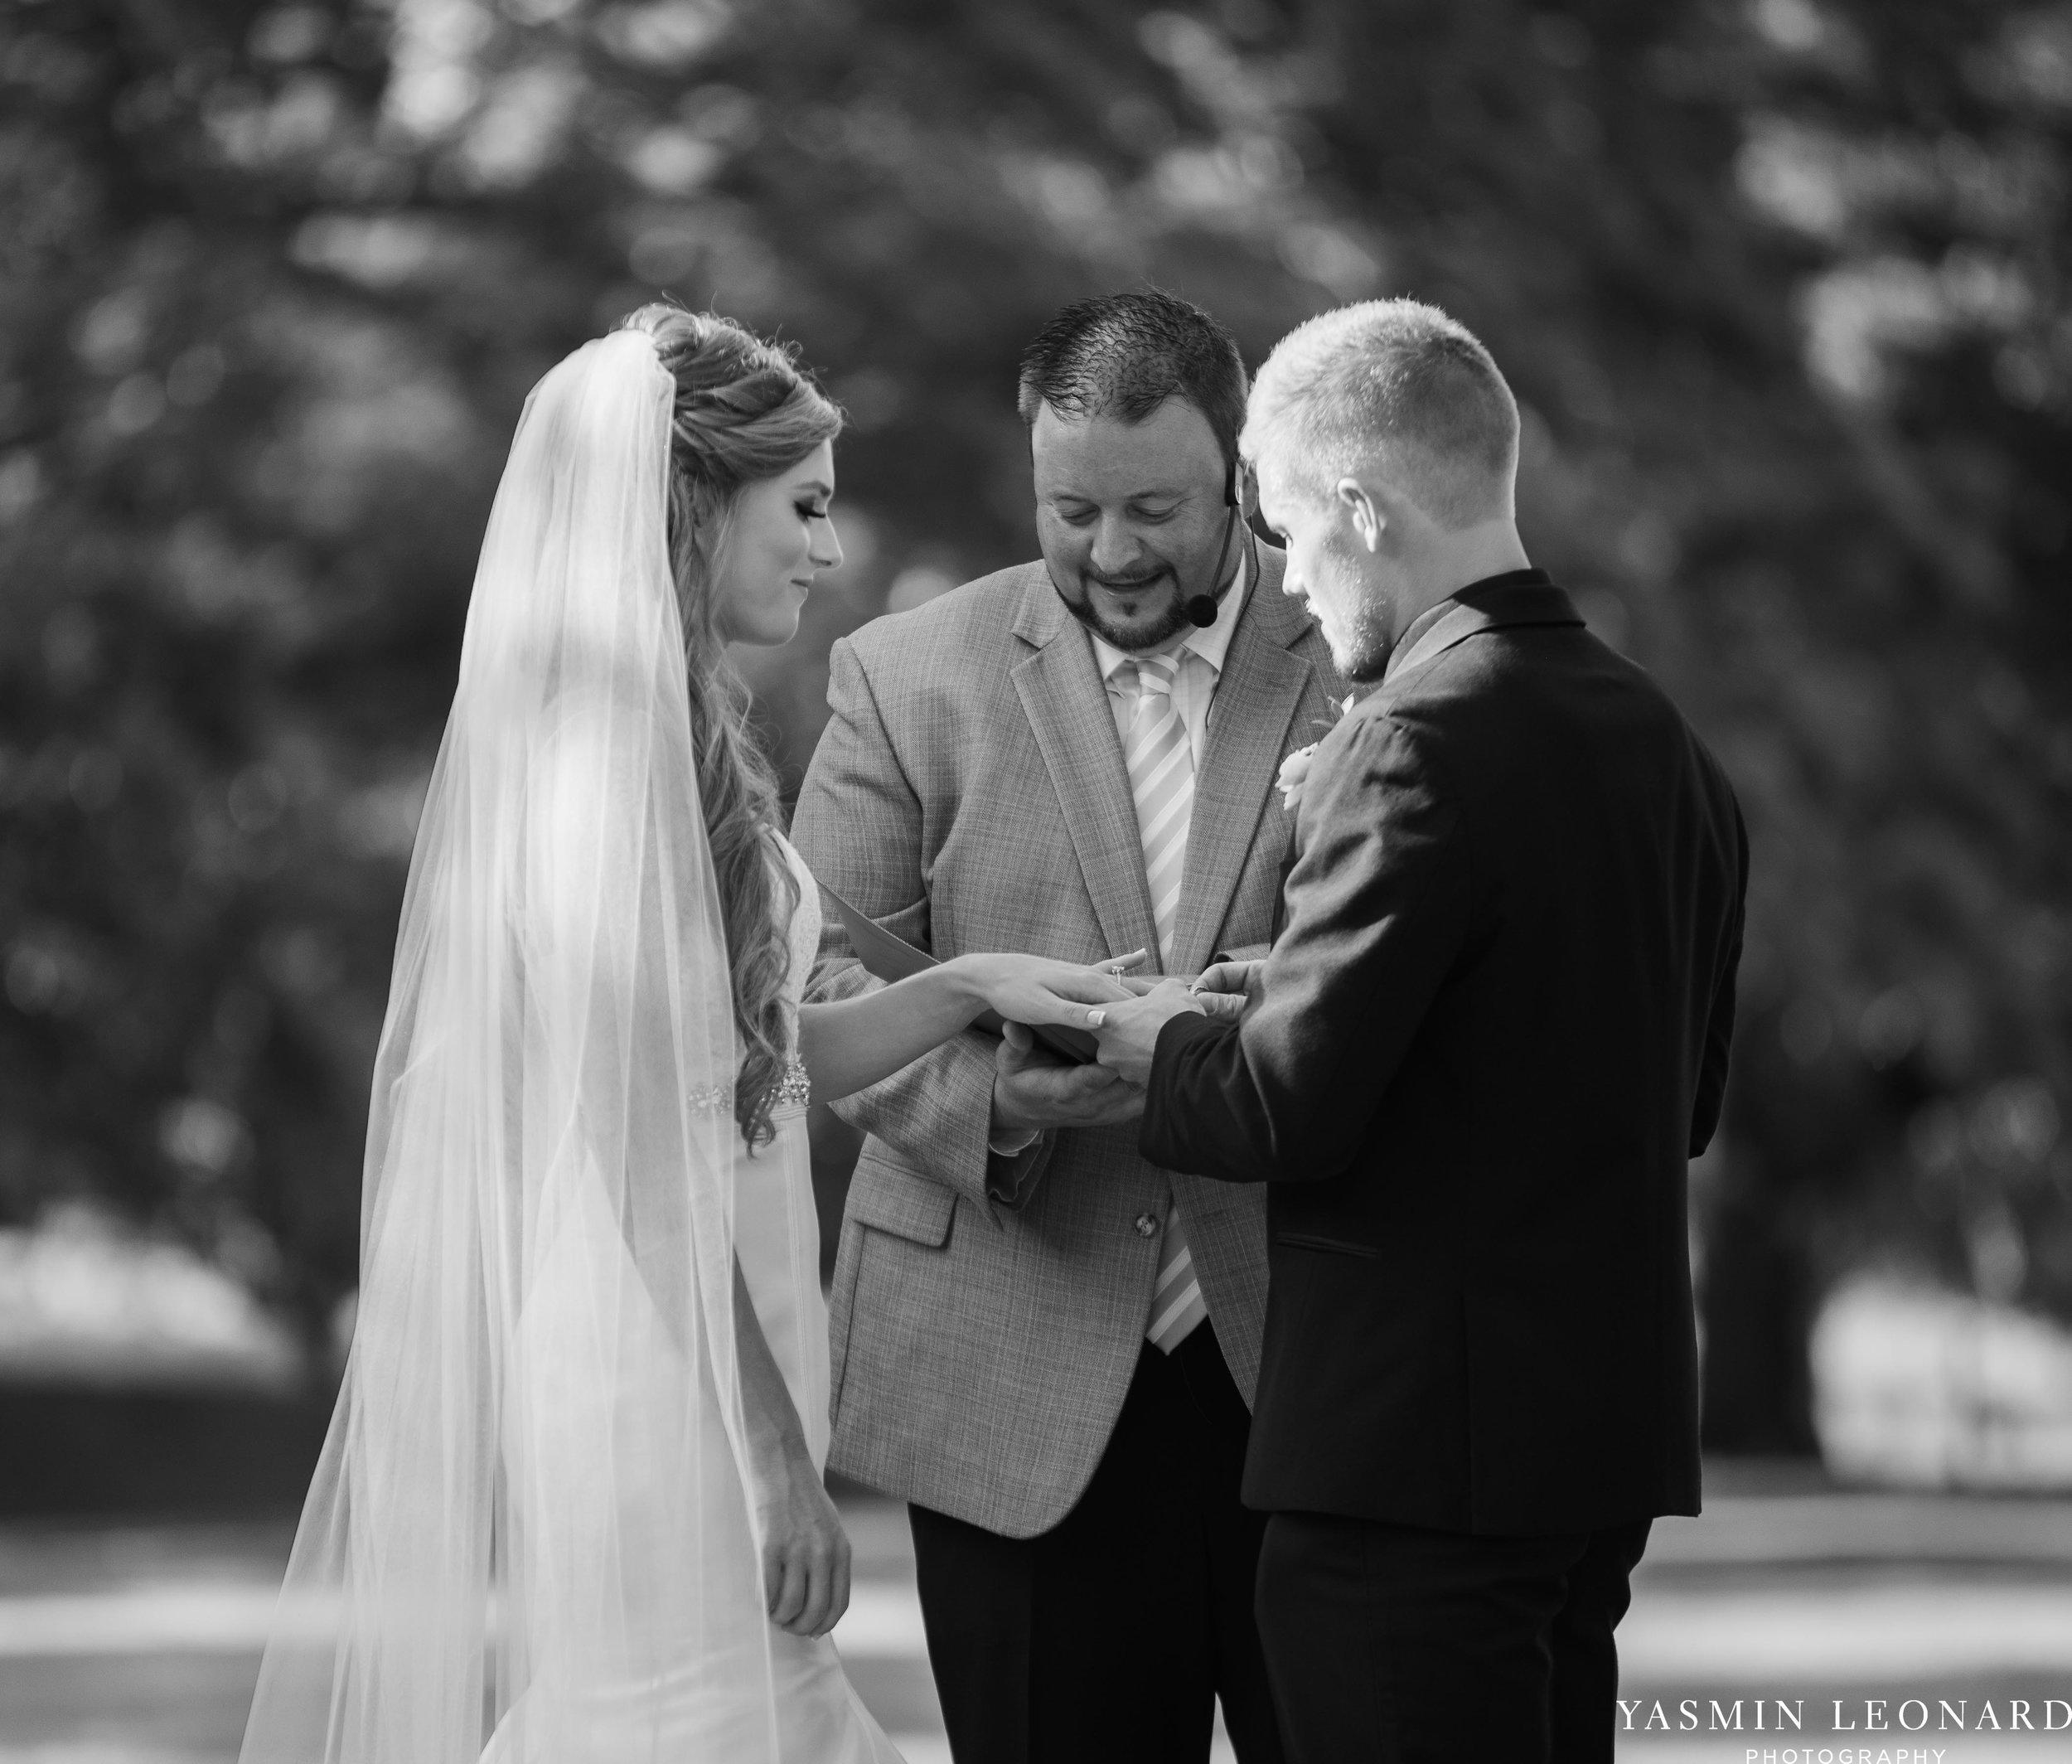 Boxwood Estate - Boxwood Estate Wedding - Luxury Wedding - Black and White Wedding - NC Wedding Venues - NC Weddings - NC Photographer - Lantern Release Grand Exit - Large Wedding Party - Yasmin Leonard Photography-30.jpg